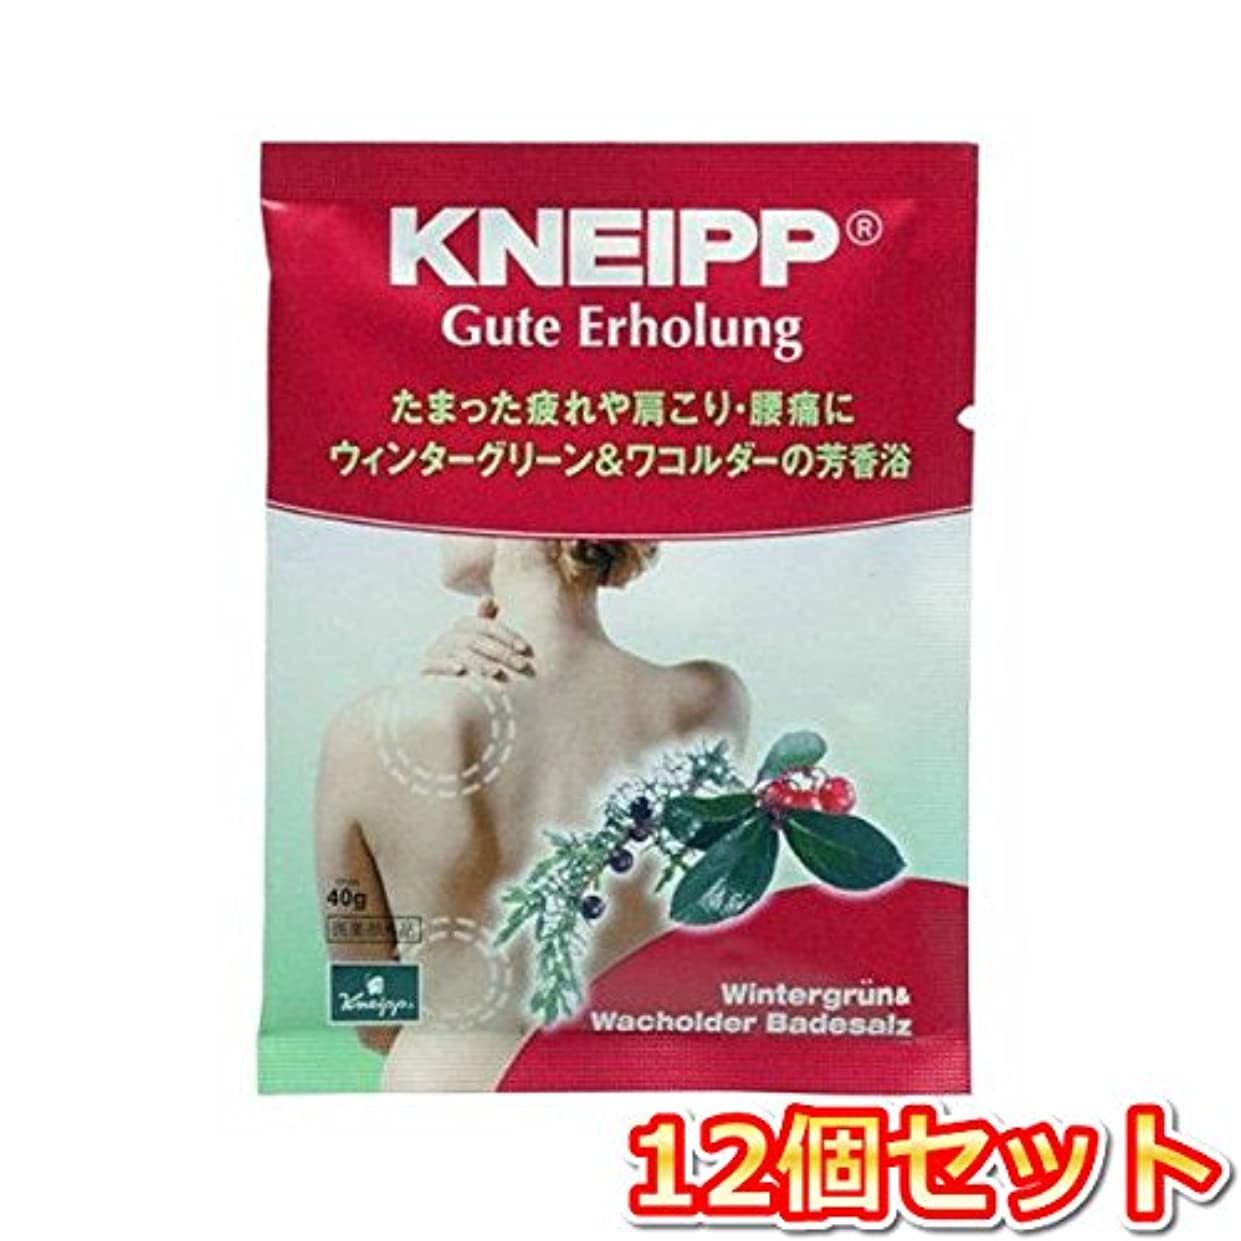 ヤギ酸スピリチュアルクナイプ?ジャパン クナイプグーテエアホールング ウィンターグリーン&ワコルダー 40g(医薬部外品) 12個セット